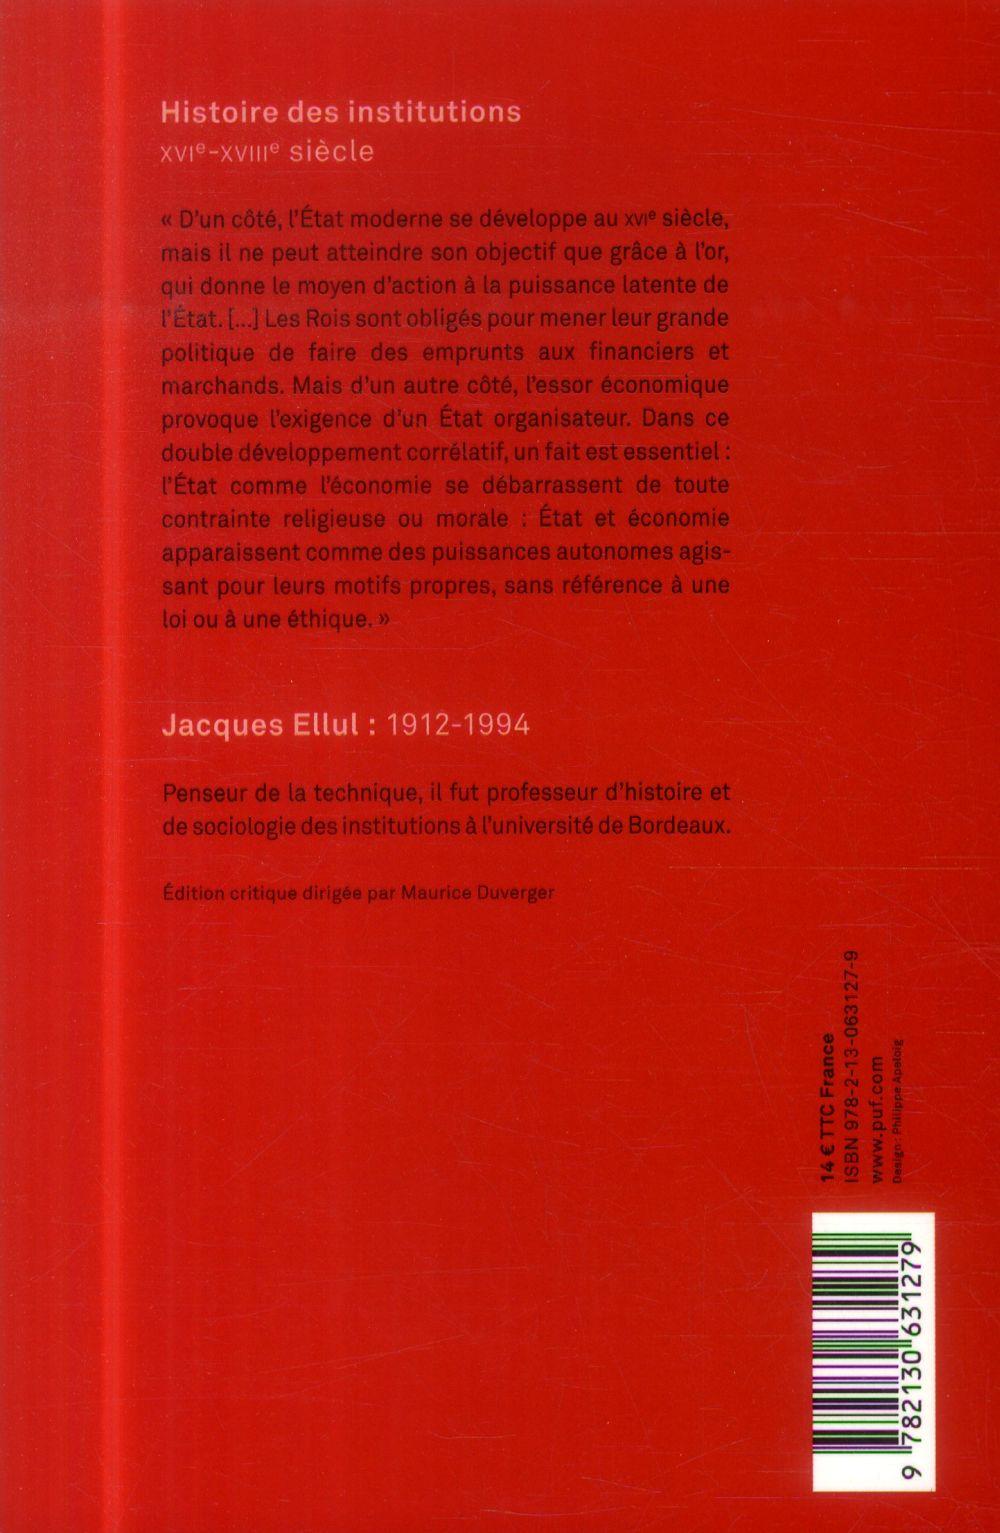 Histoire des institutions ; XVIe-XVIIIe siècle (2e édition)